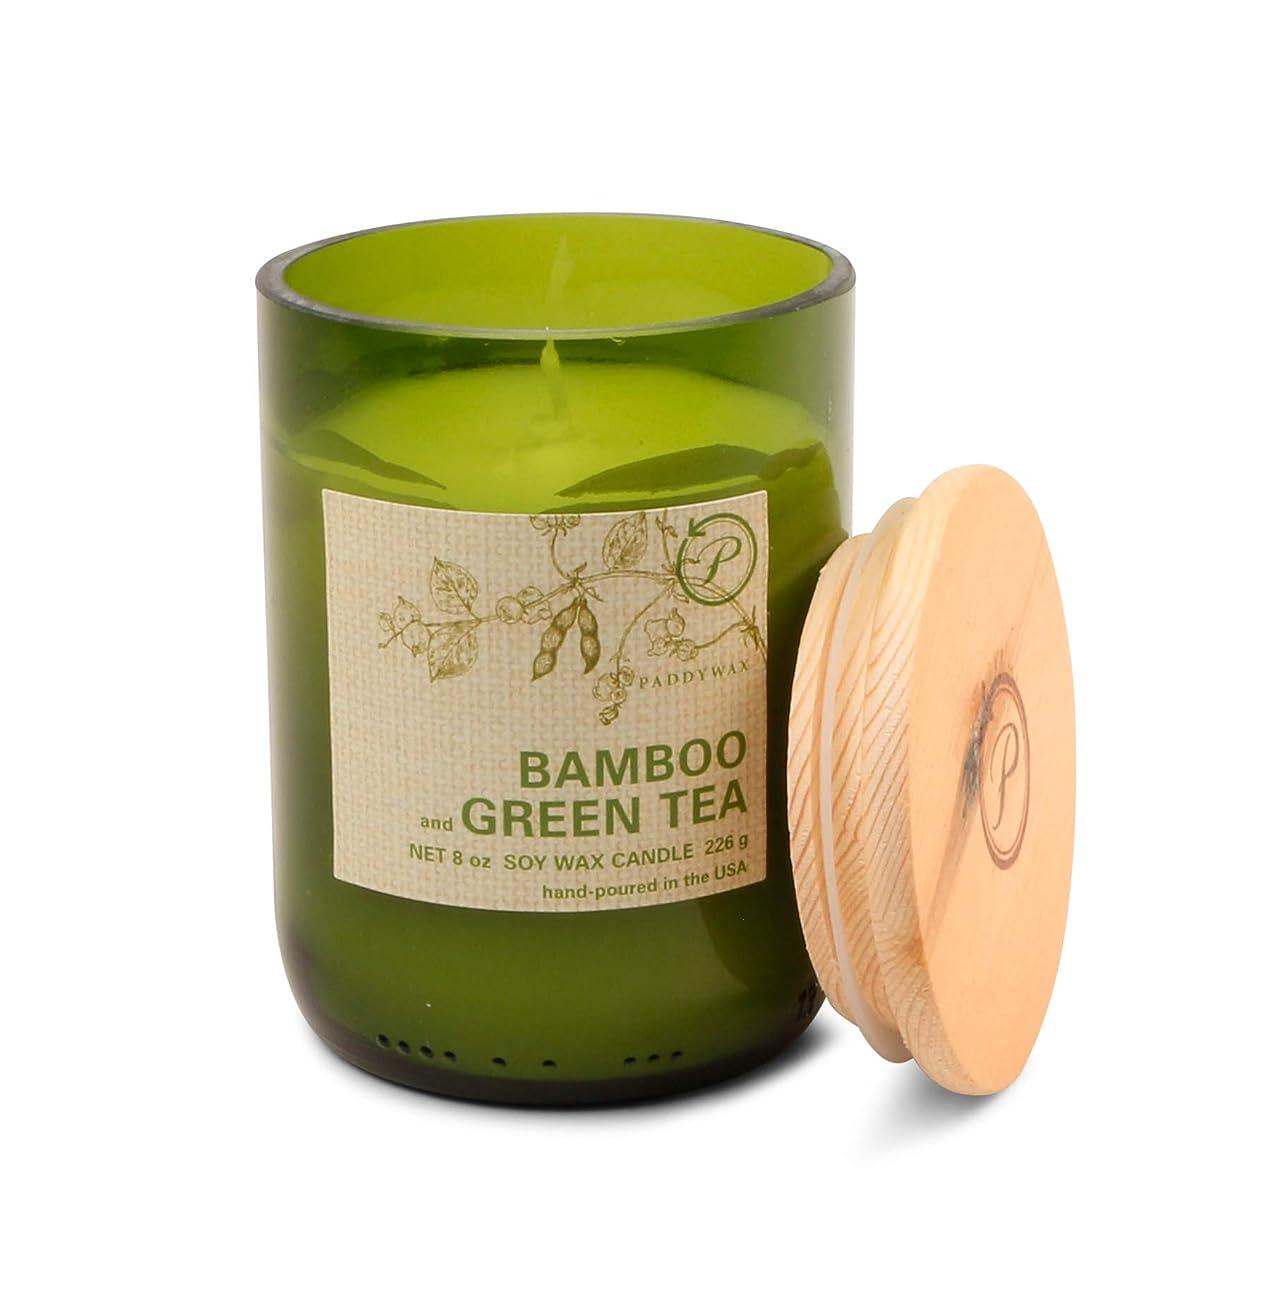 文芸傾向がありますスイングパディワックス(PADDYWAX) エコ?グリーン キャンドル(ECO GREEN Candle) バンブー & グリーンティー(BAMBOO and GREEN TEA)